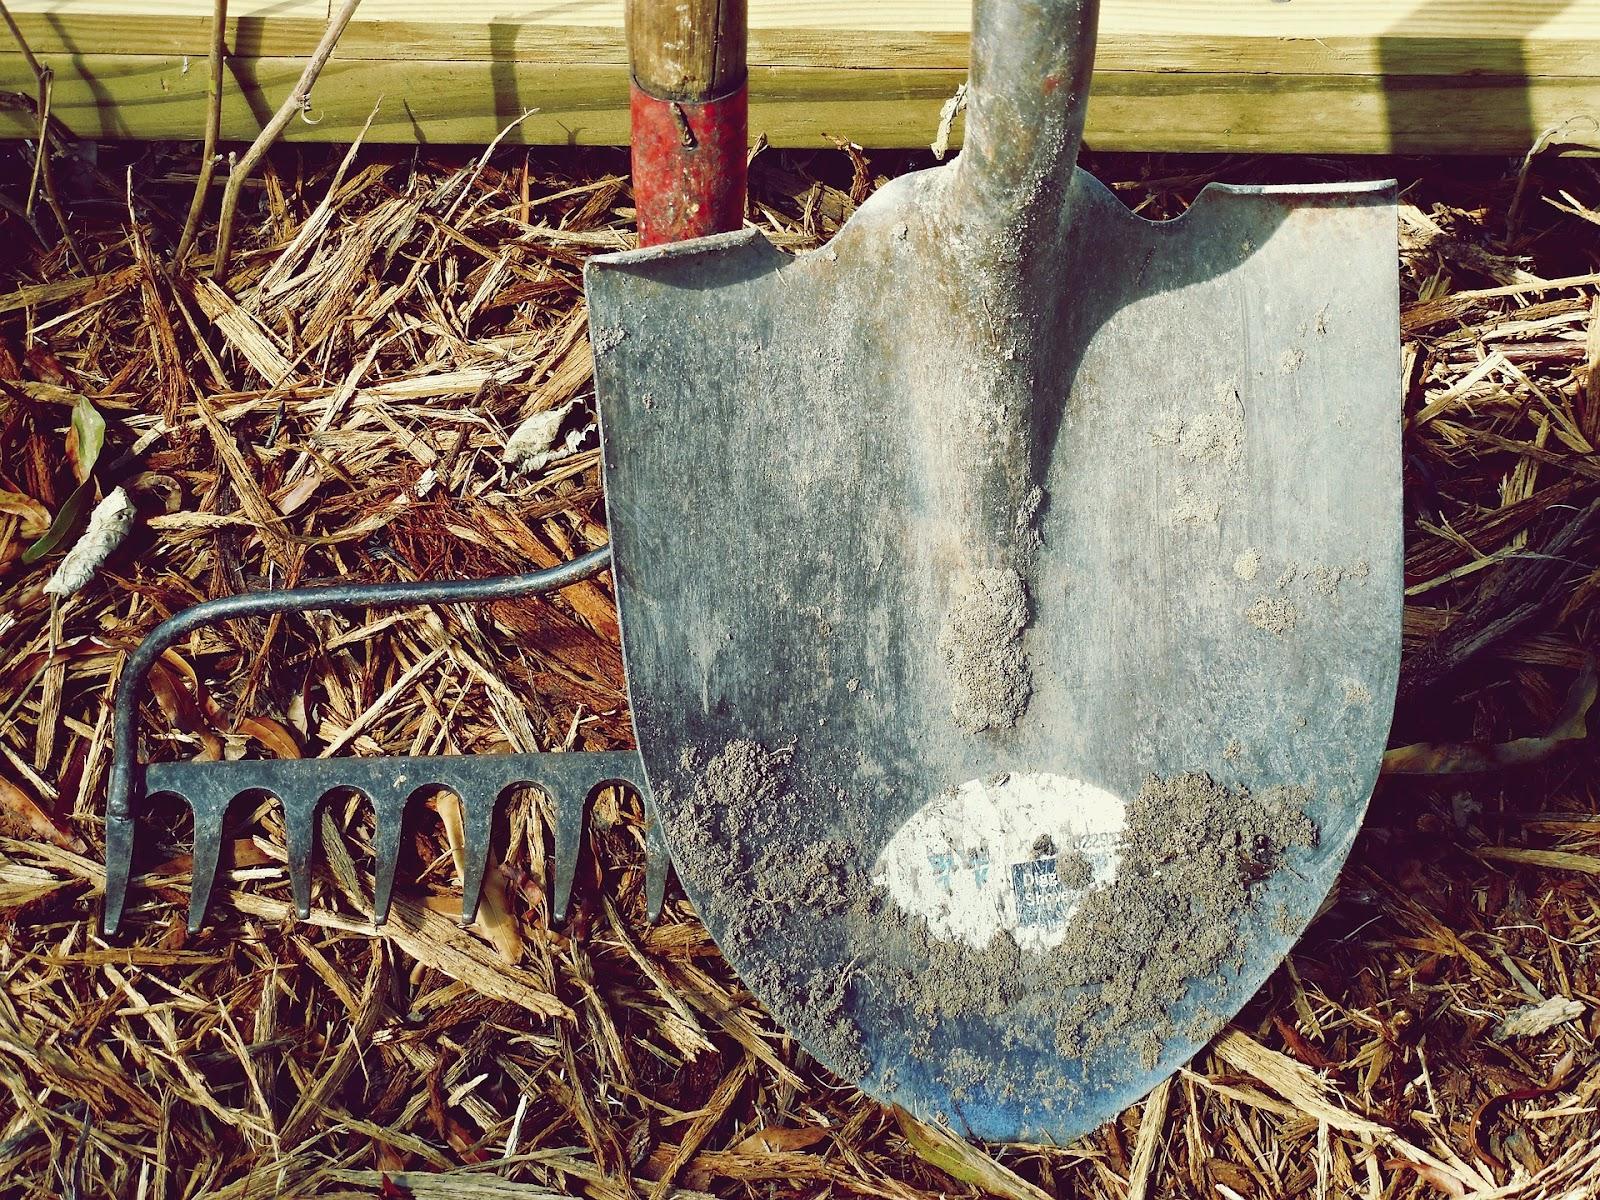 Shovel and rake outside